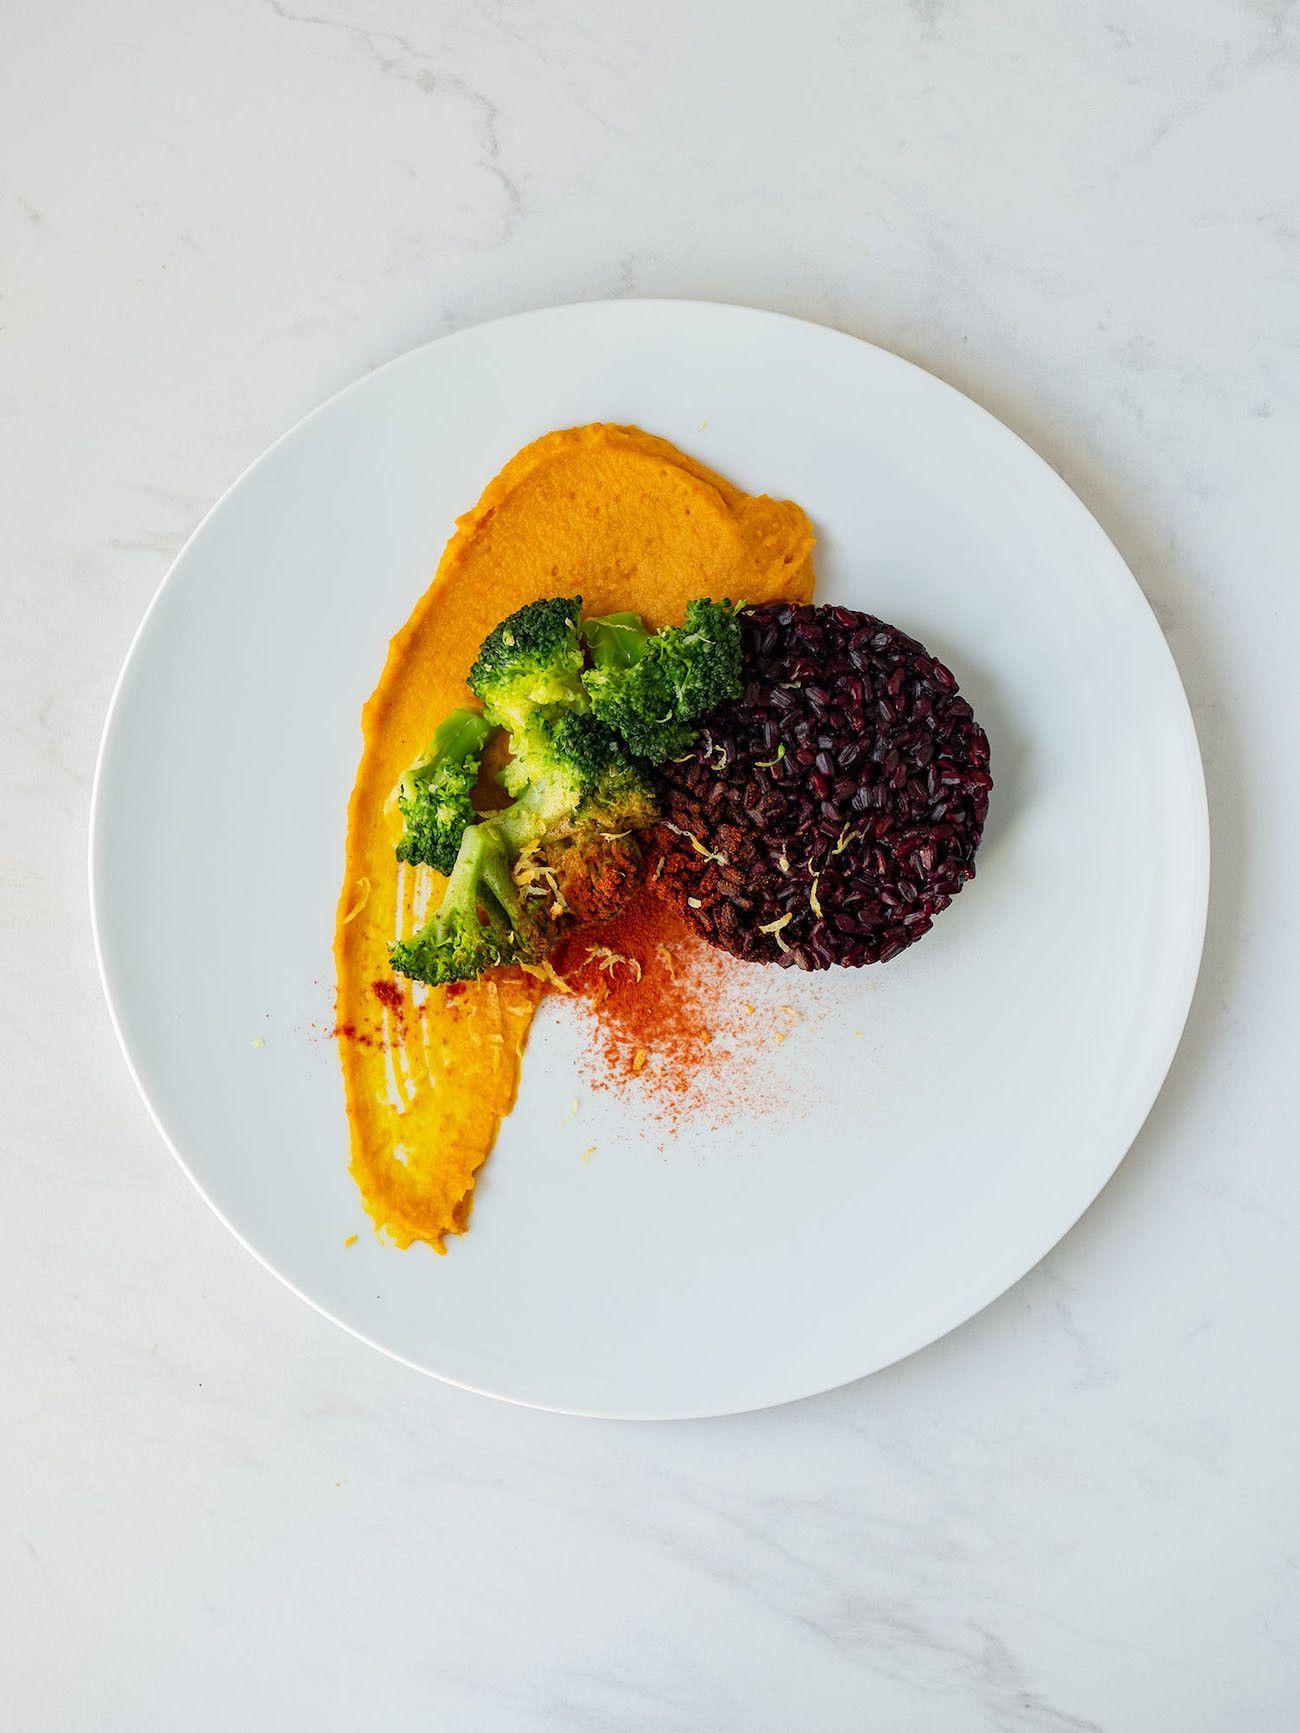 Foodblog, Rezept Kürbis Curry Püree mit zitronen Brokkoli und schwarzem Reis, Zitronenschale, Plating, Telelr_1